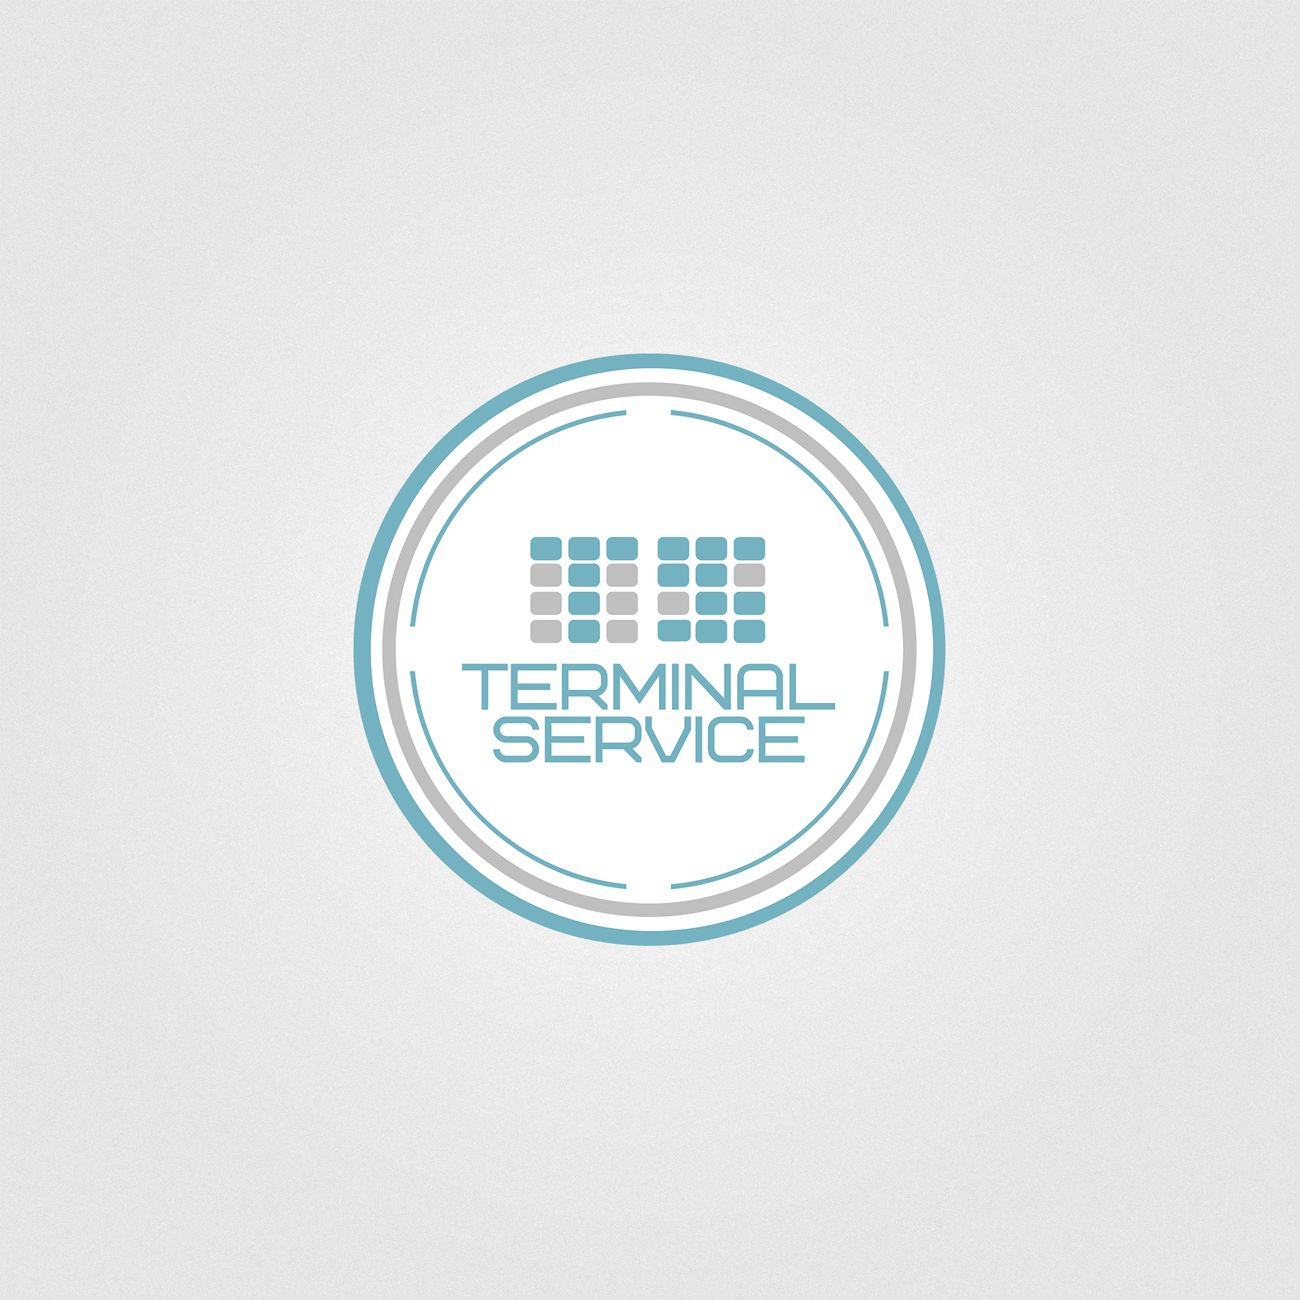 Требуется обновление логотипа компании - дизайнер 21piecedesign